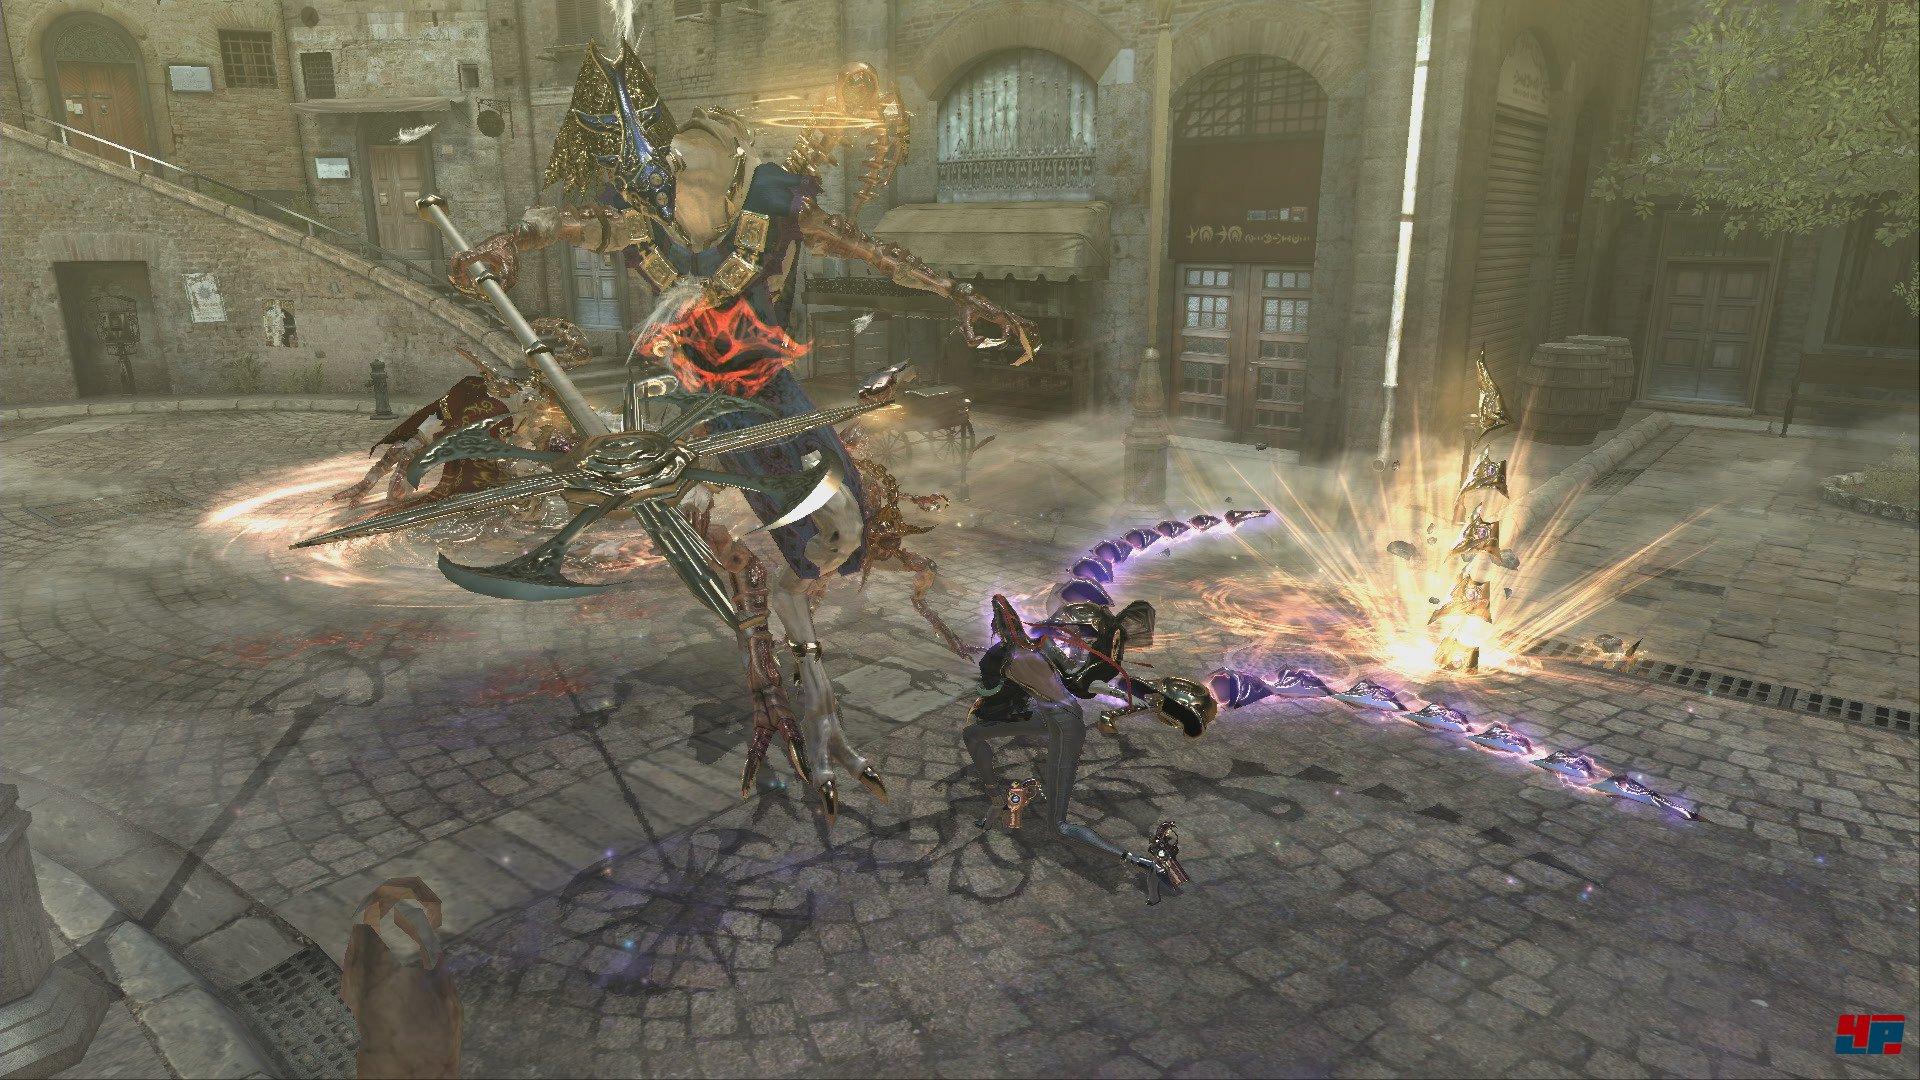 SEGA + Platinum Games enthüllen: Bayonetta ist auf Steam erschienen